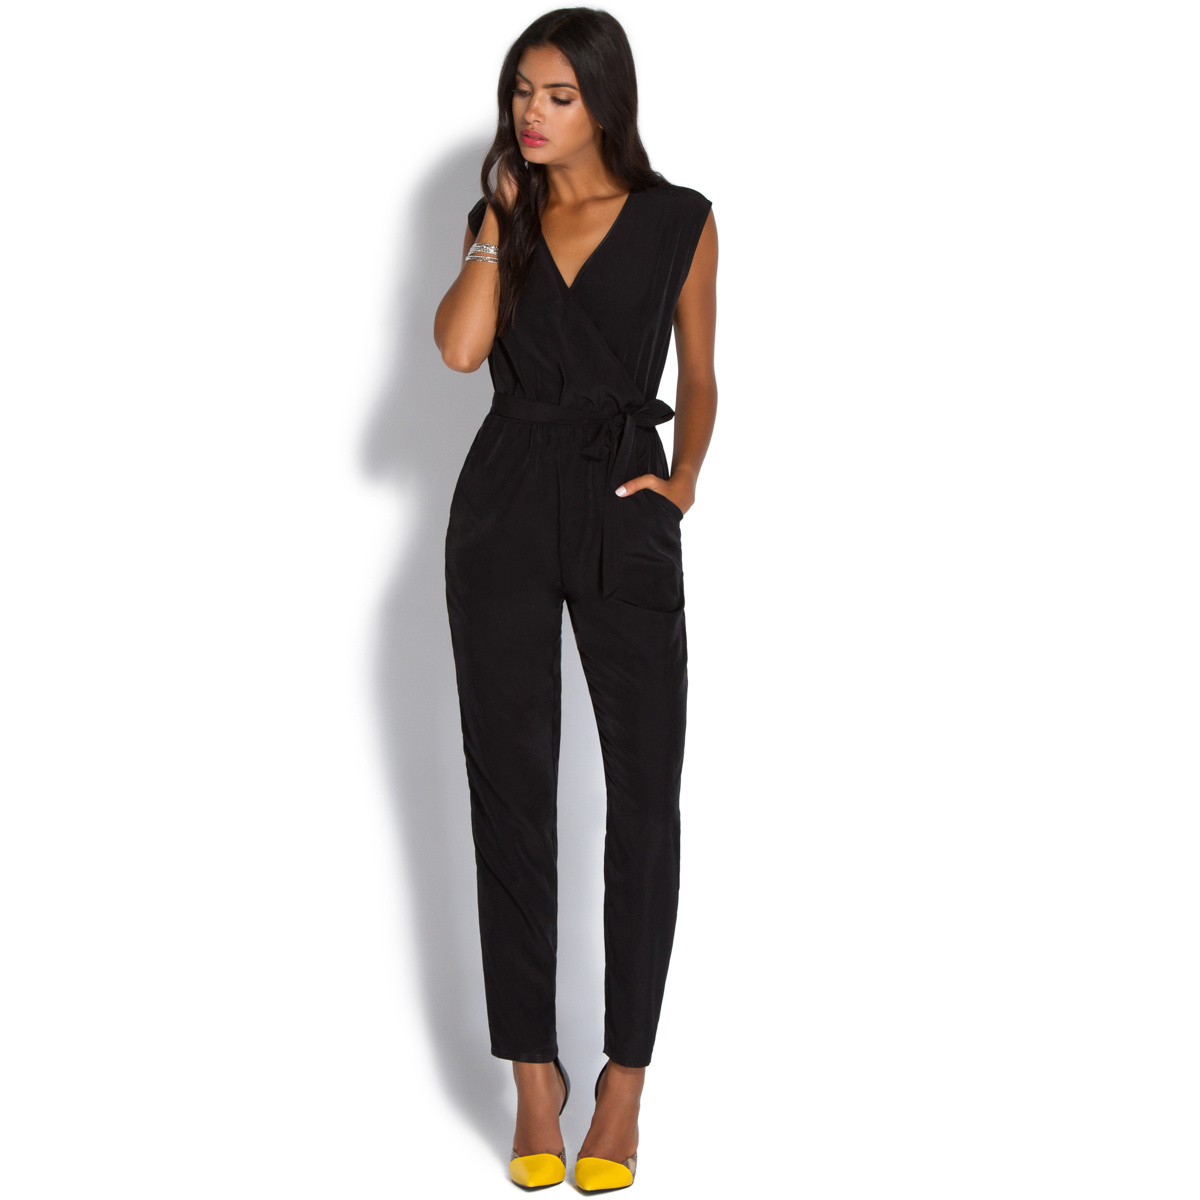 Unique Black Jumpsuits For Women- A Popular Outfit U2013 BingeFashion